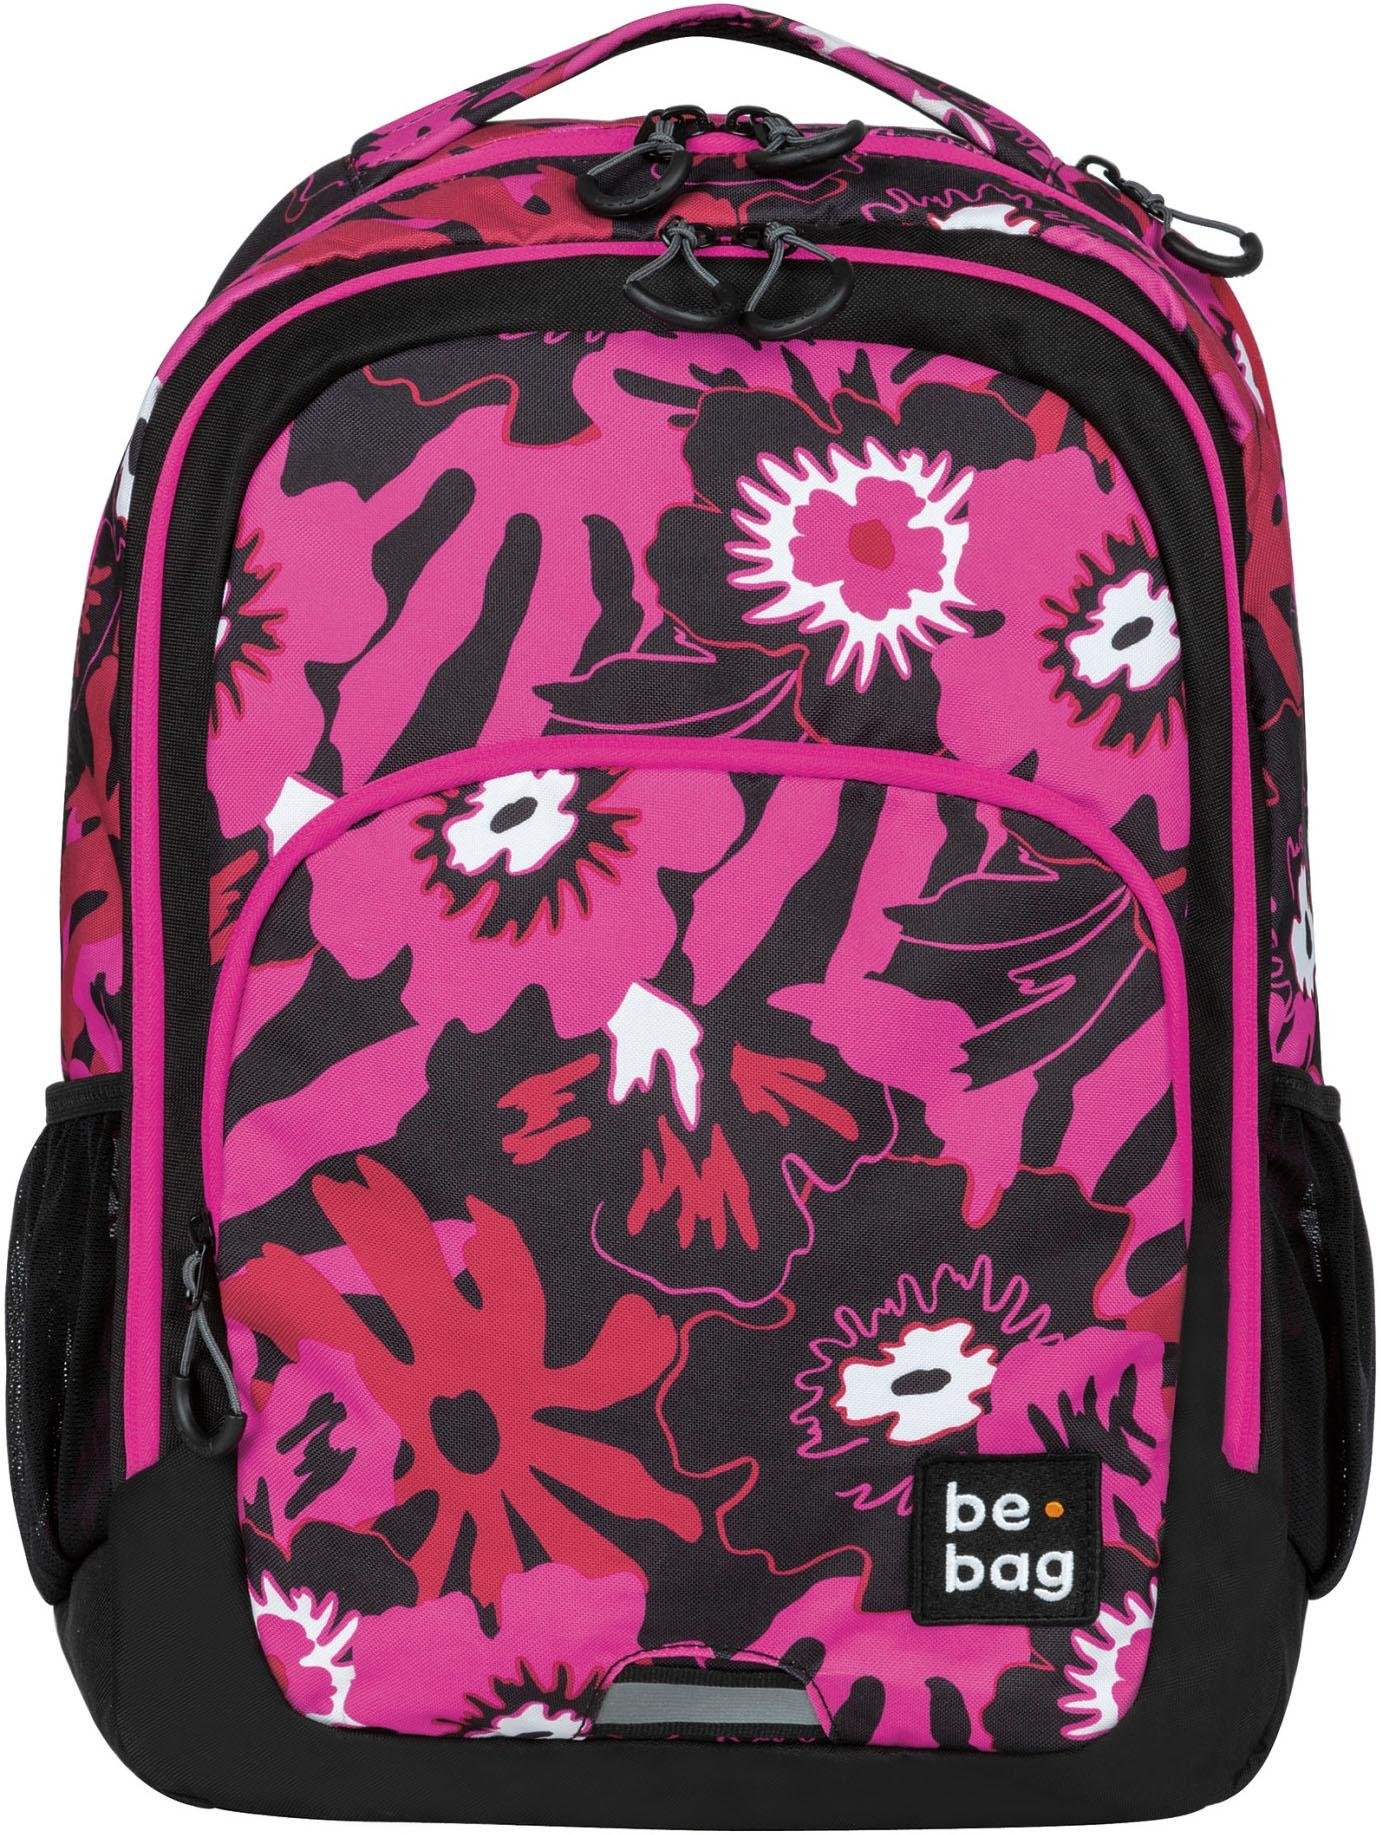 Pelikan schoolrugzak Be.bag be.ready, pink summer nu online kopen bij OTTO